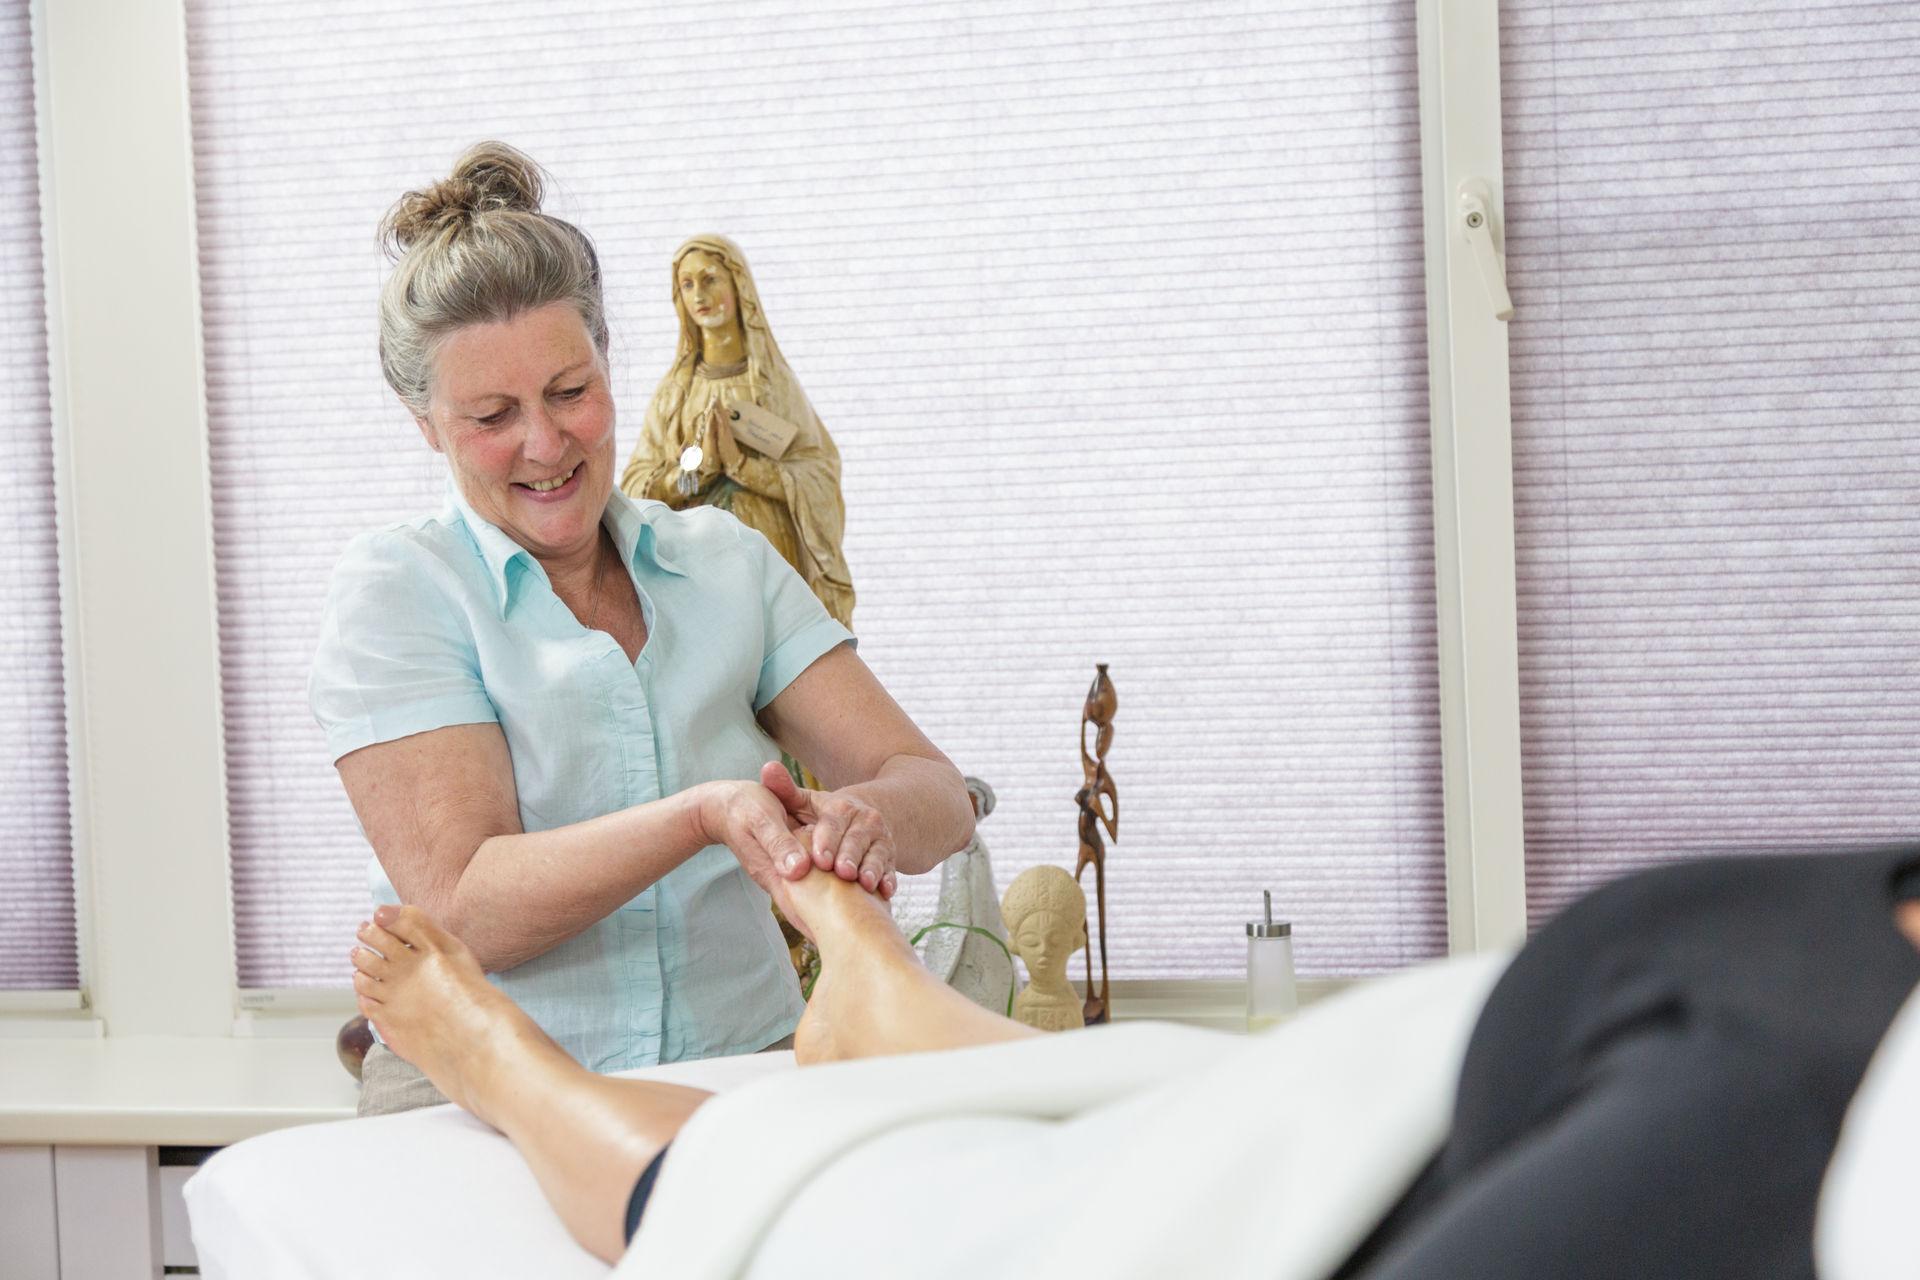 Silvia geeft voetreflexologie aan een vrouw in de overgang